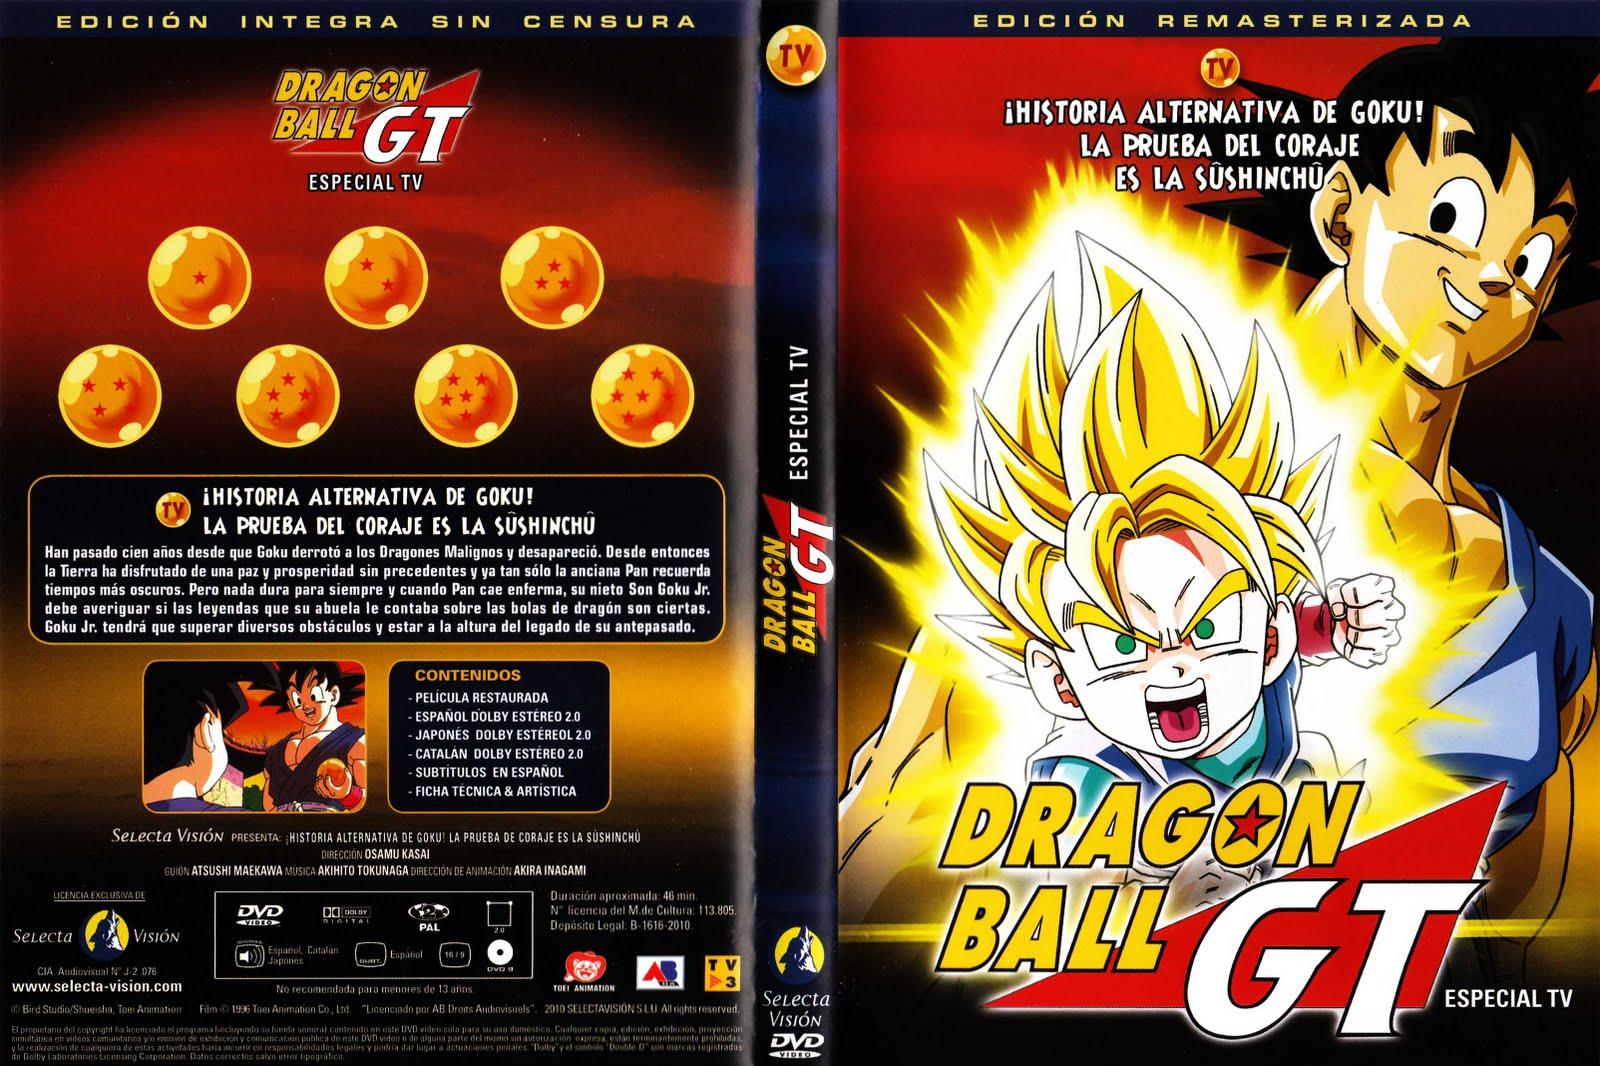 ... : Caratulas DVD Dragon Ball GT Las Peliculas Selecta Vision V2